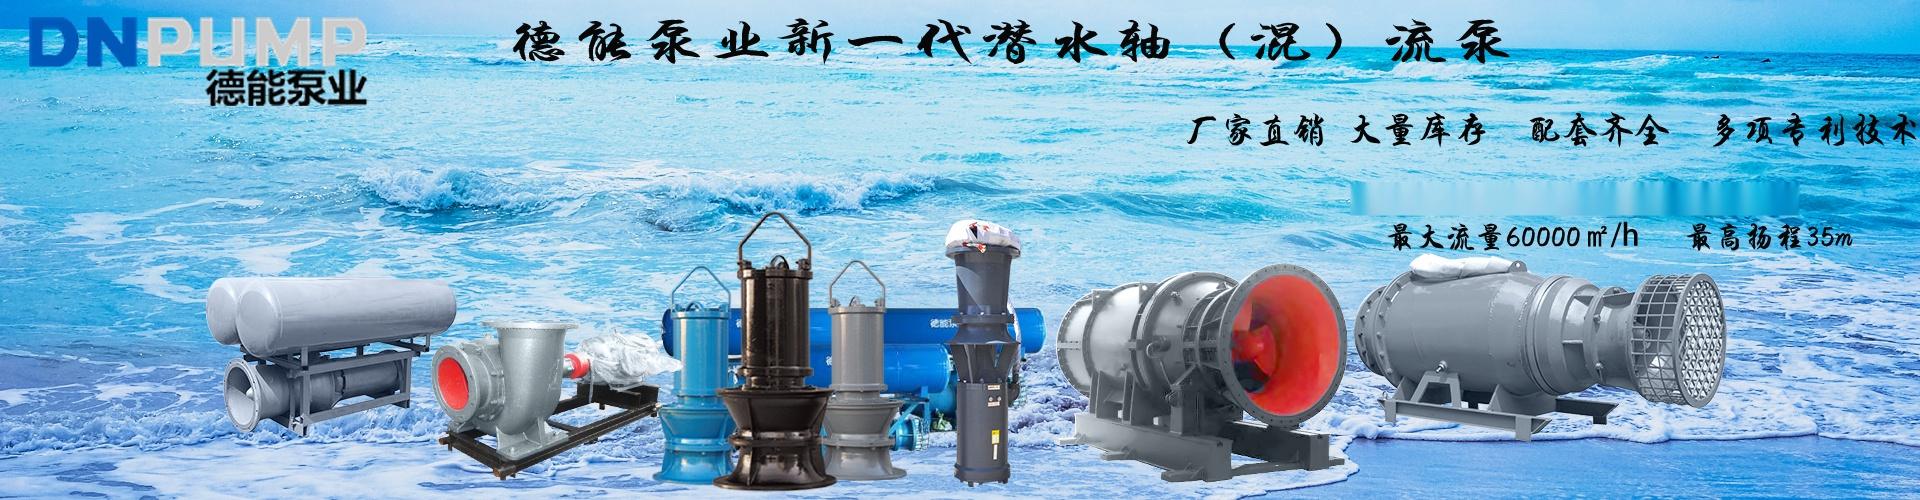 潜水轴(混)流泵合集广告图一1920x500.jpg